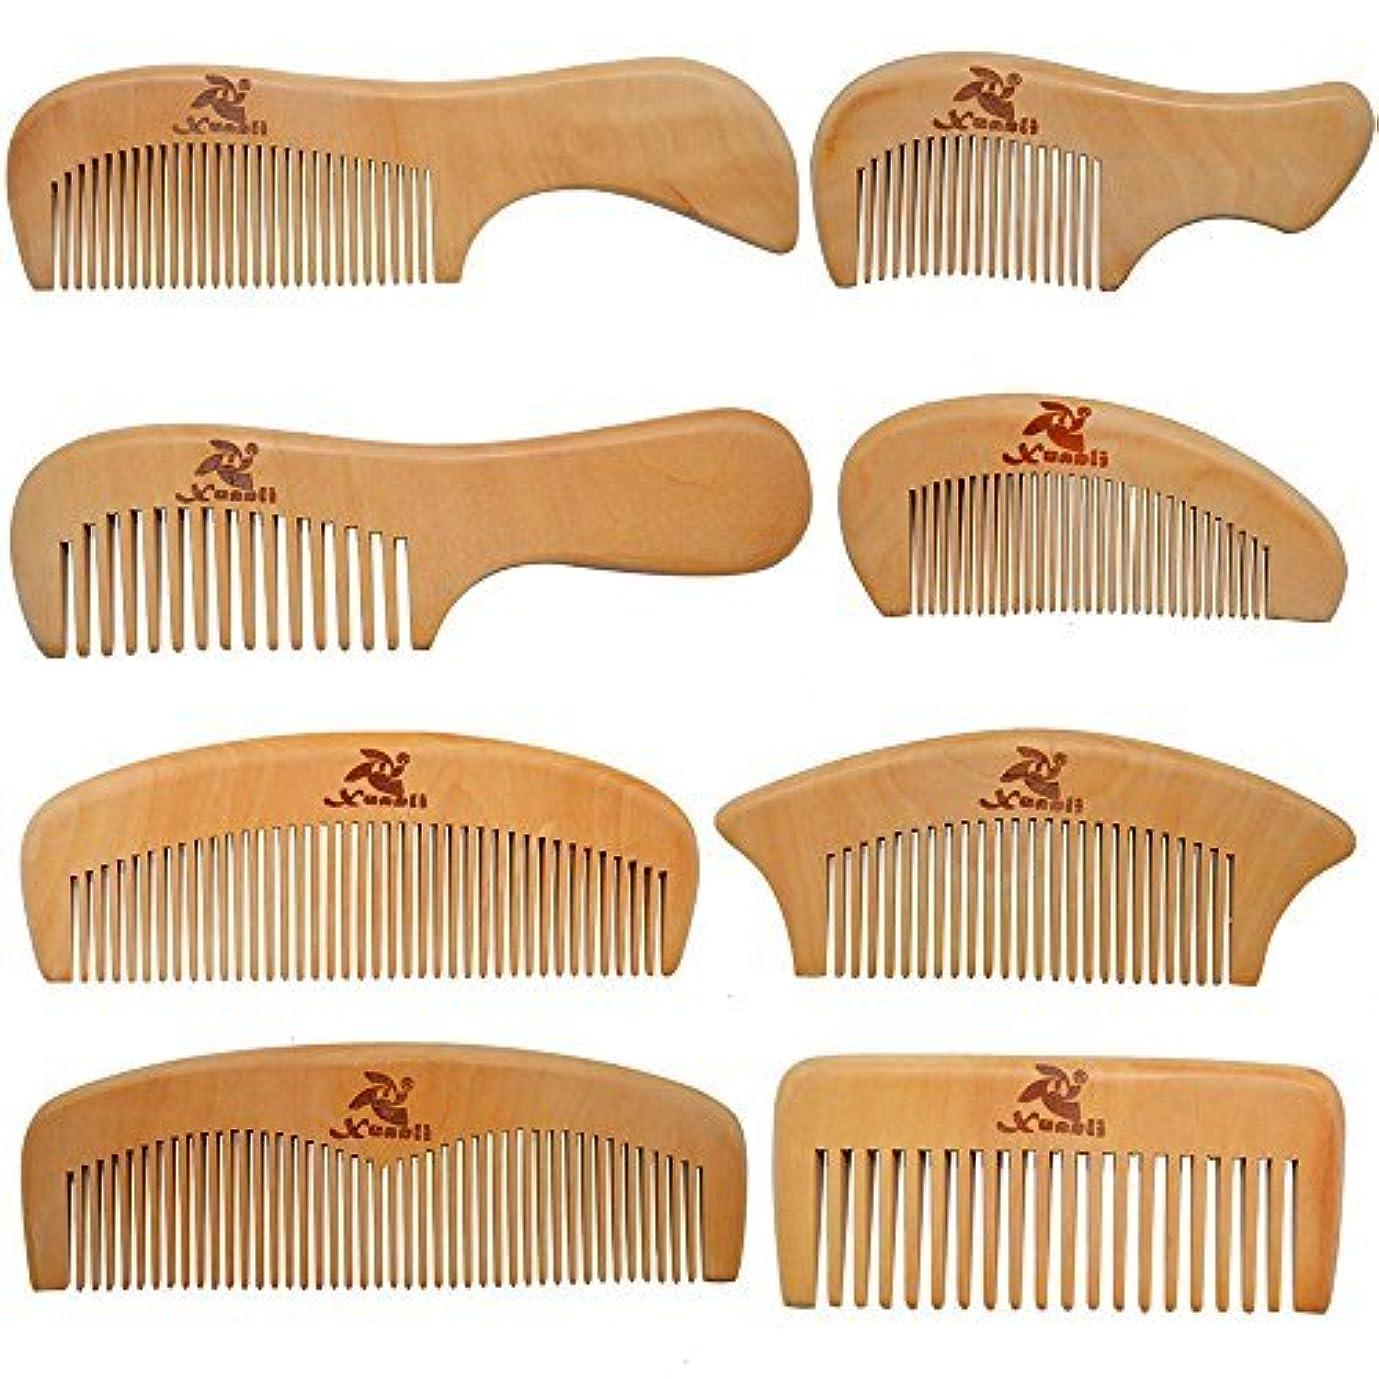 ピアノ透明に王朝Xuanli 8 Pcs The Family Of Hair Comb set - Wood with Anti-Static & No Snag Handmade Brush for Beard, Head Hair...